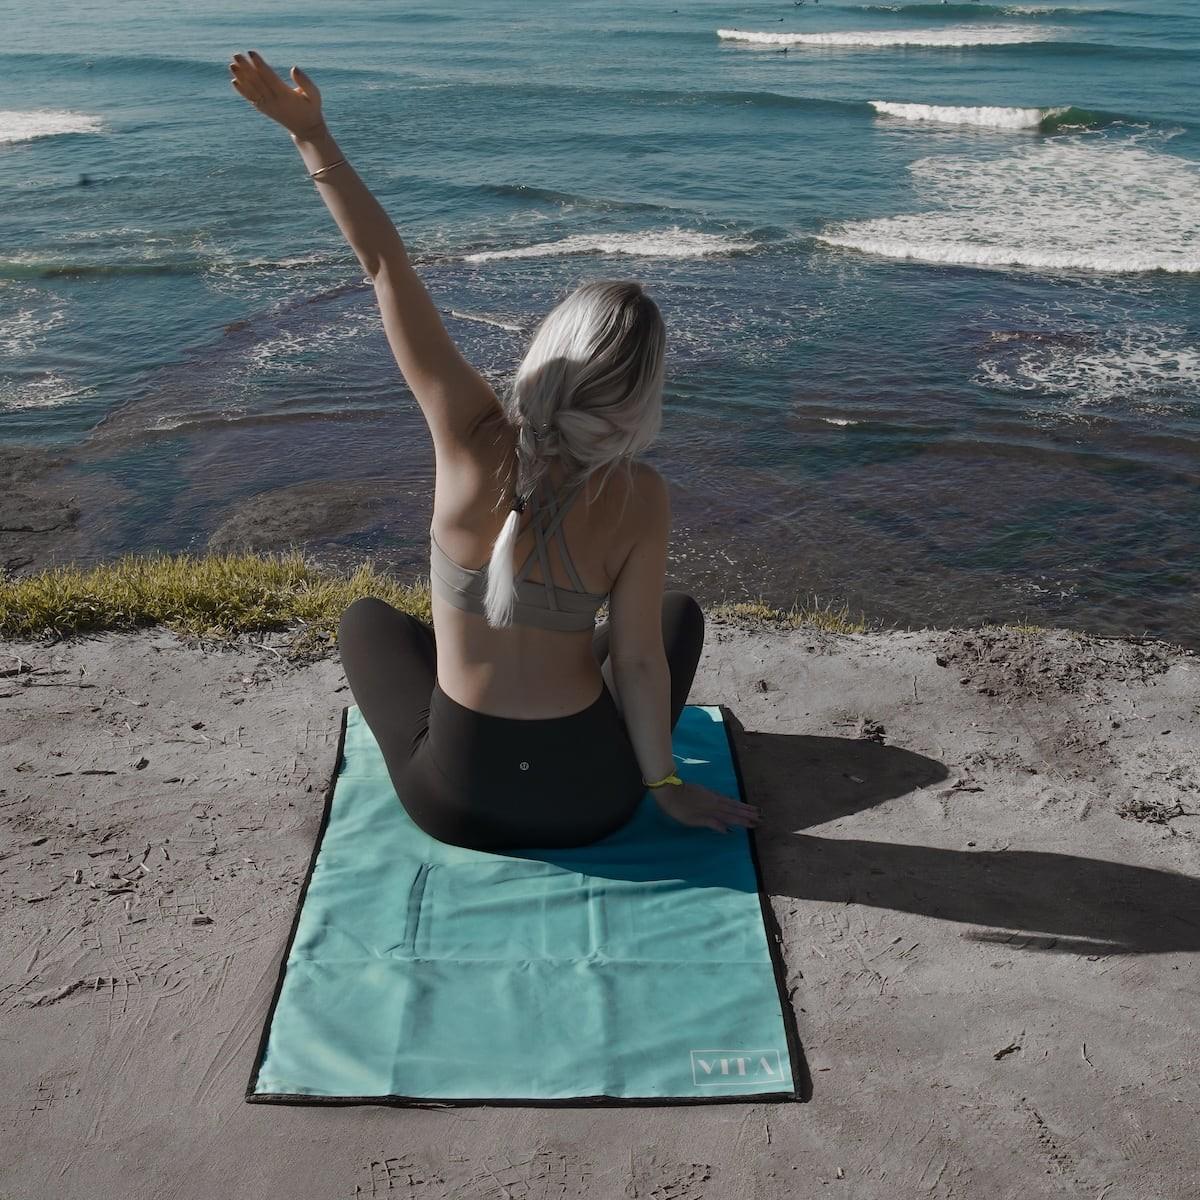 Vita Antibacterial Gym Towel keeps you healthy and germ-free